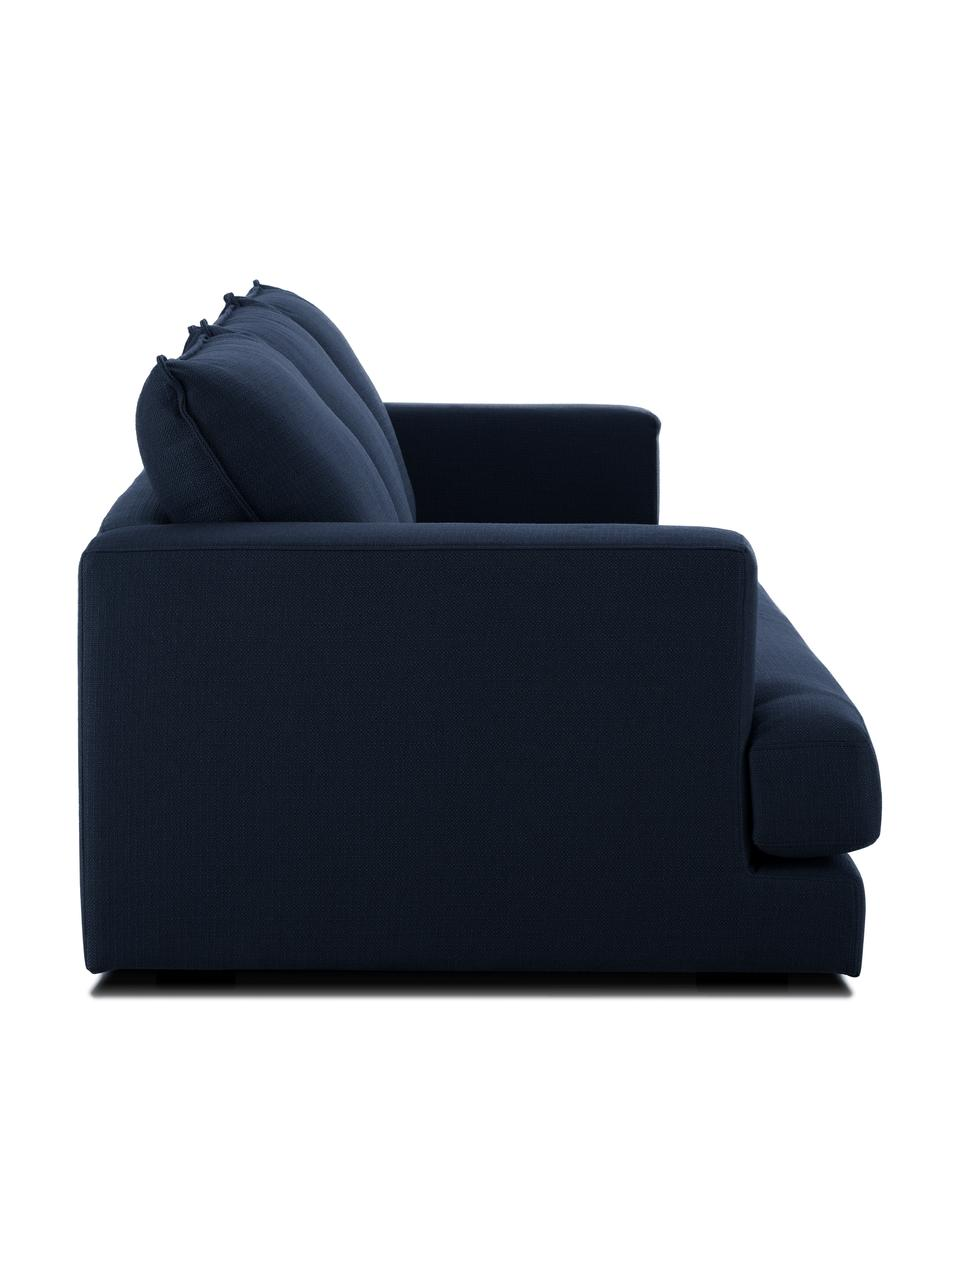 Sofa Tribeca (3-osobowa), Tapicerka: poliester Tkanina o odpor, Stelaż: lite drewno sosnowe, Nogi: lite drewno sosnowe, laki, Ciemny niebieski, S 228 x G 104 cm